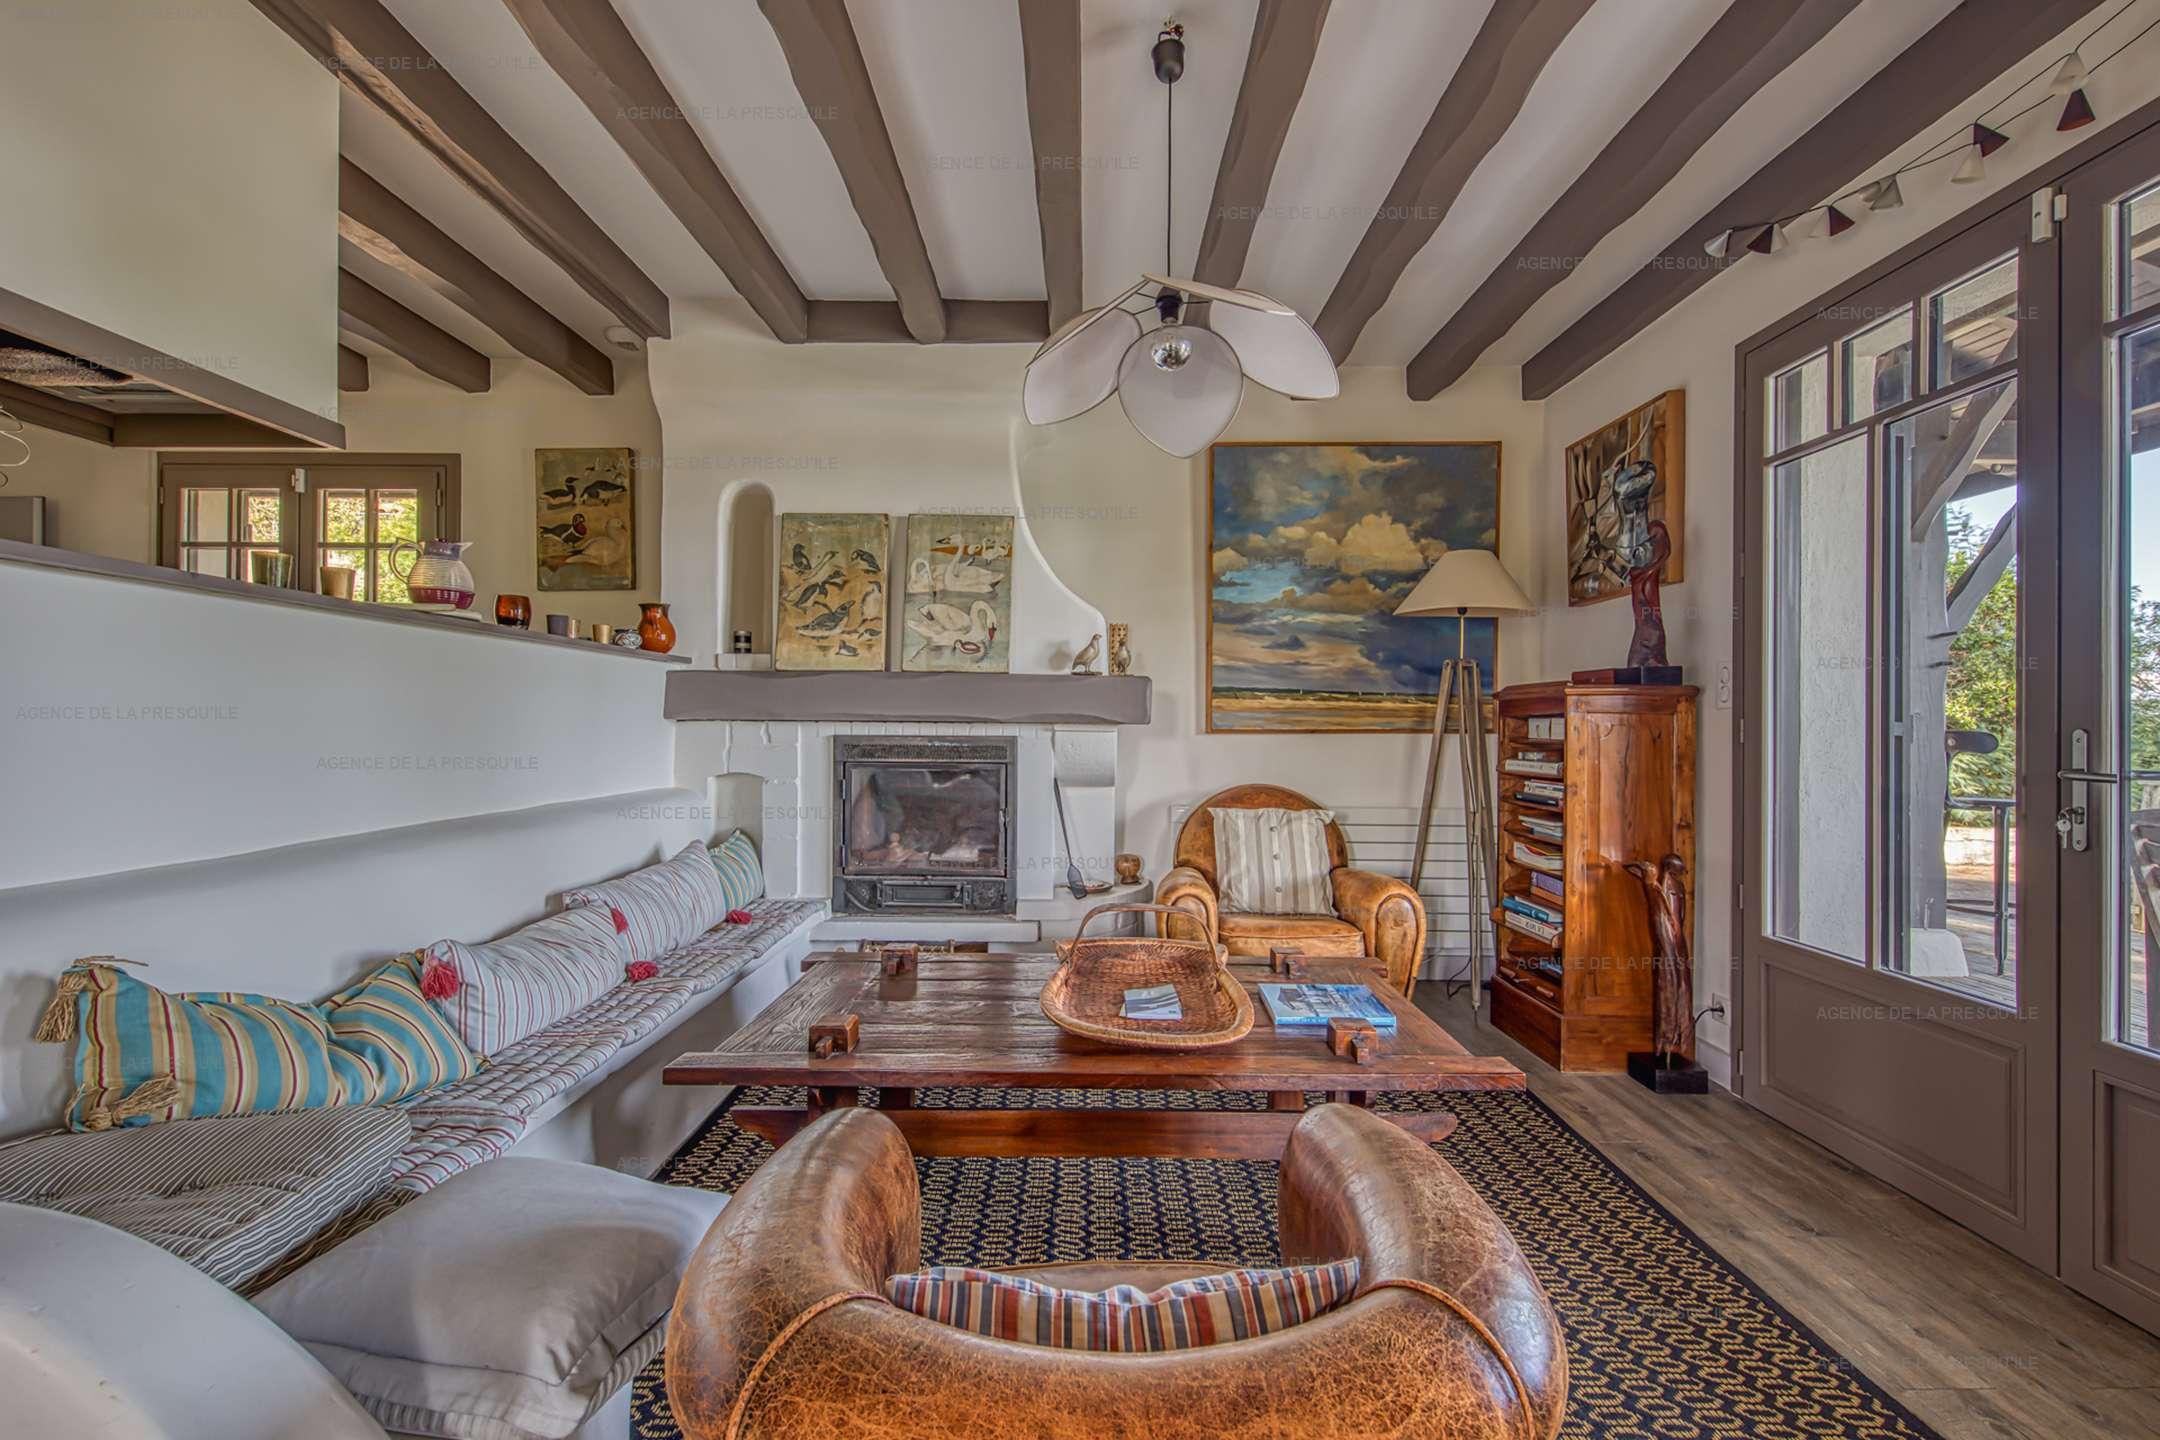 Location: Charmante villa avec piscine, vue bassin, à deux pas des plages 6